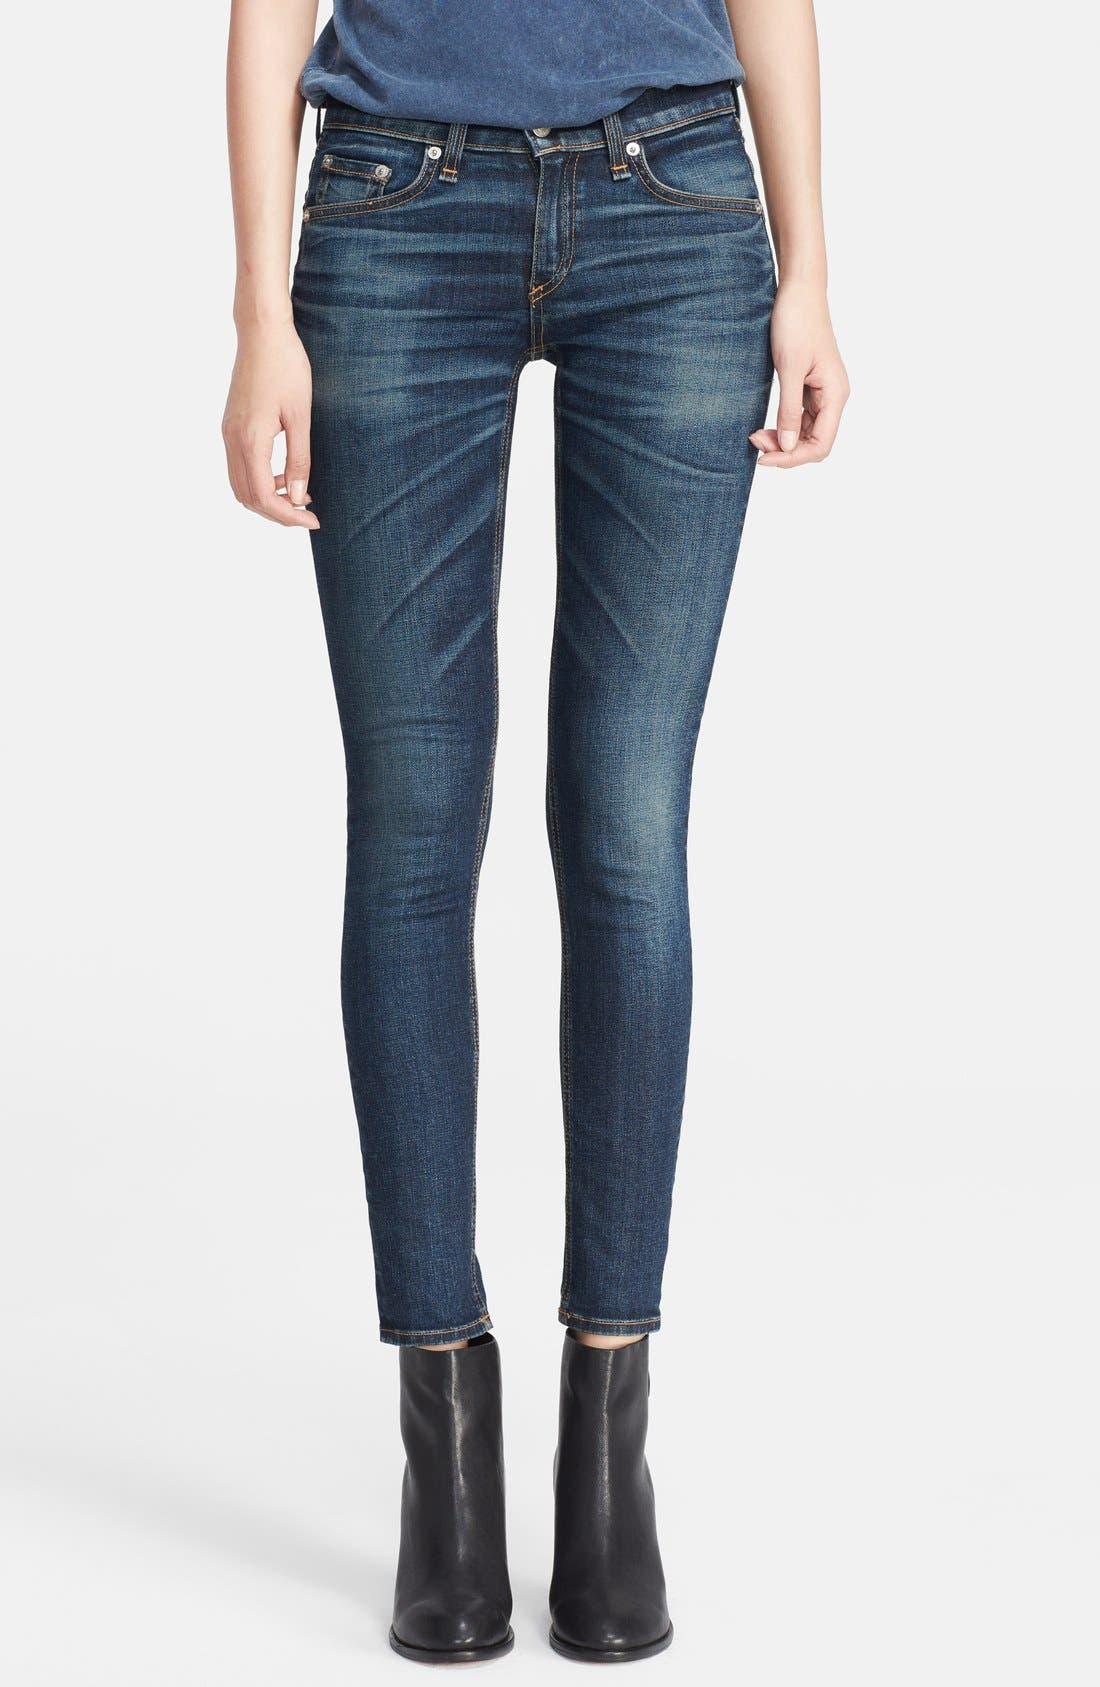 Alternate Image 1 Selected - rag & bone/JEAN Skinny Stretch Jeans (Doheny)